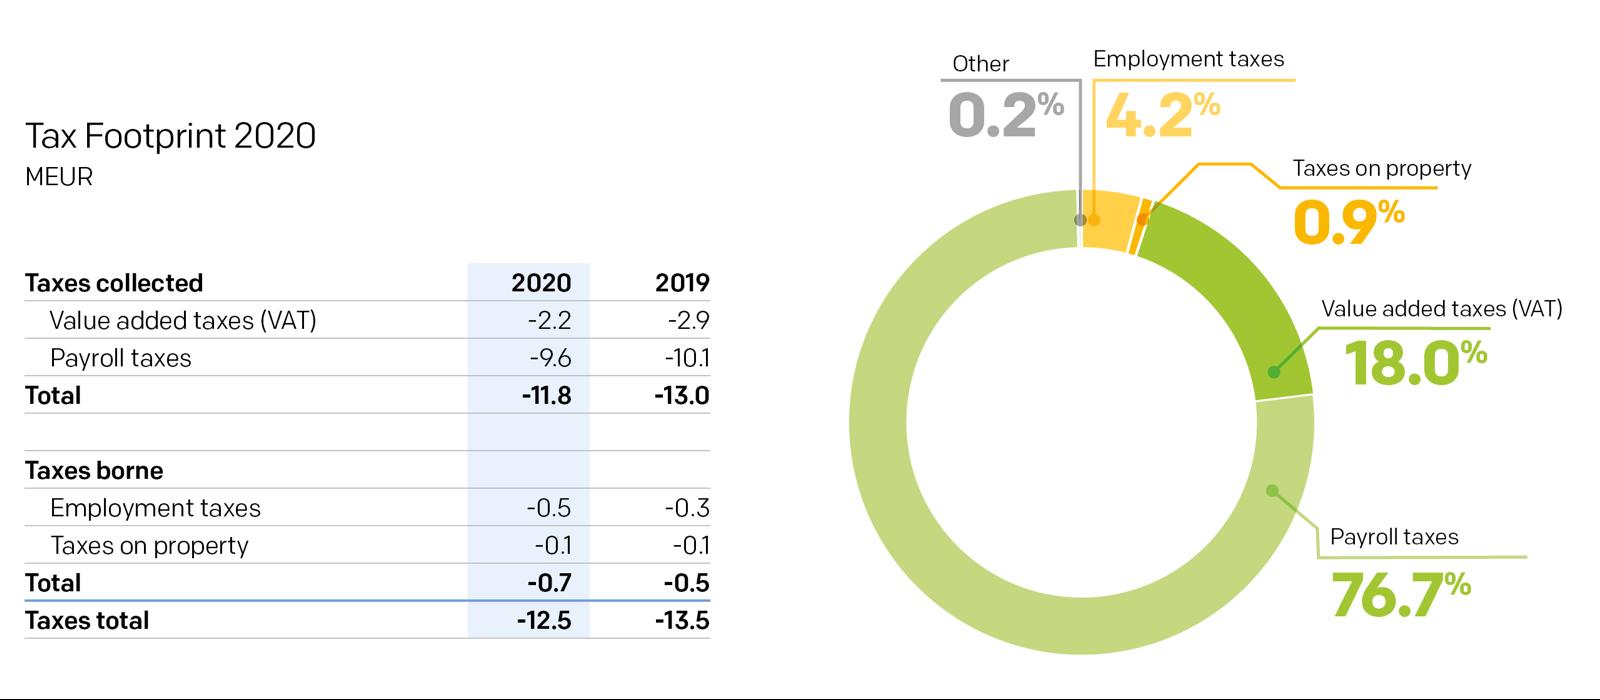 Tax Footprint 2020